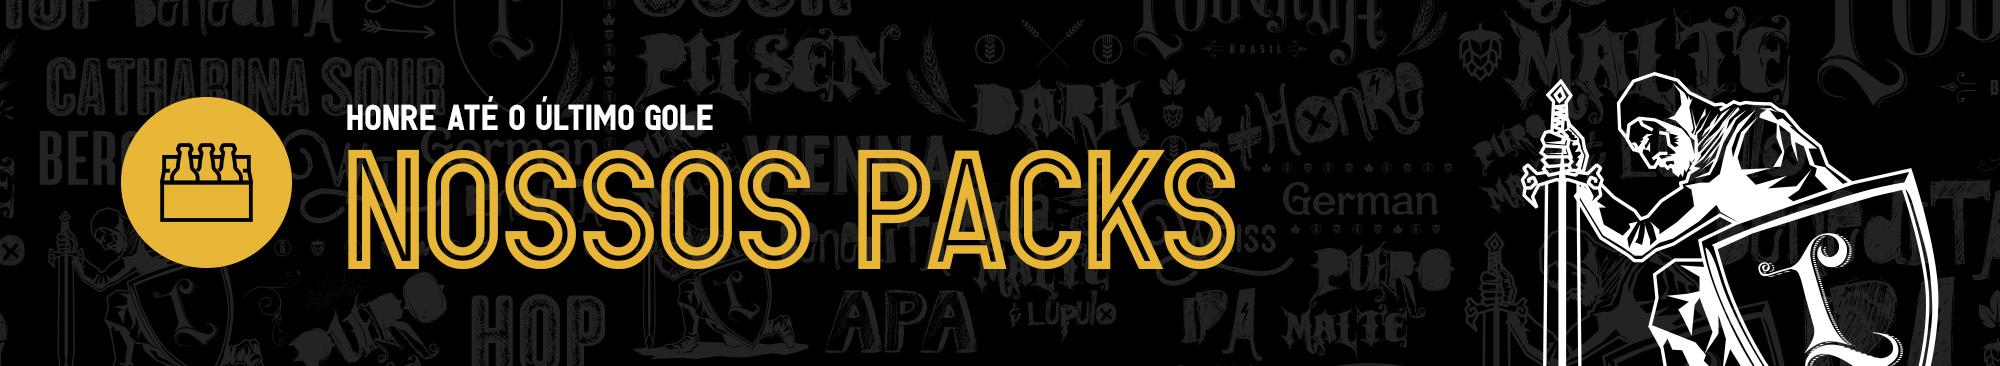 banner-packs